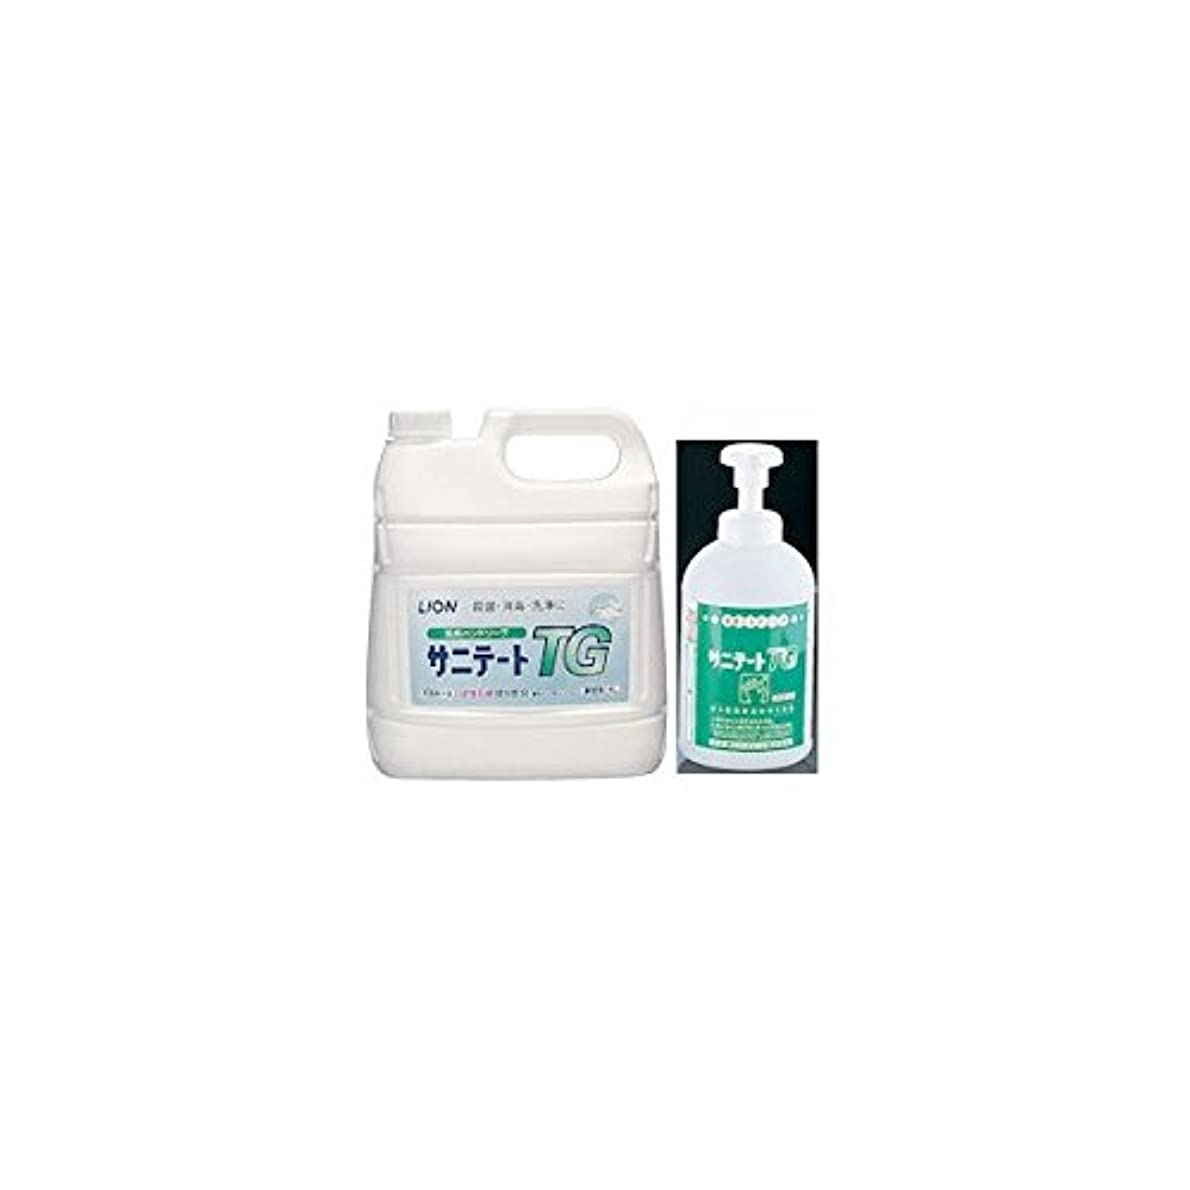 割るかかわらず予測子ライオン薬用ハンドソープ サニテートTG 4L 700ML泡ポンプ付 【品番】JHV3001